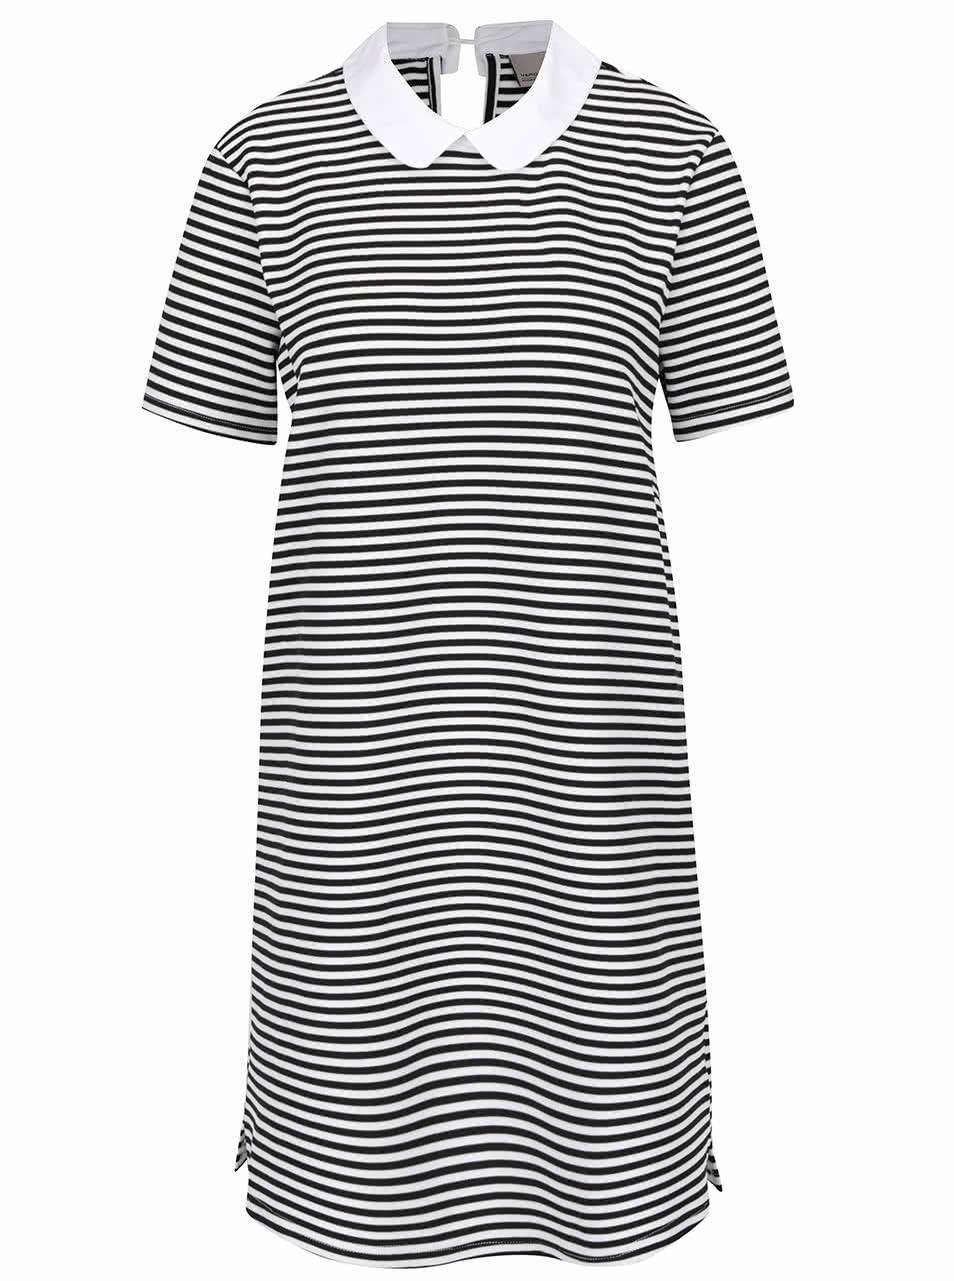 950c573f9193 Černo-bílé volné pruhované šaty s límečkem VERO MODA Kay ...